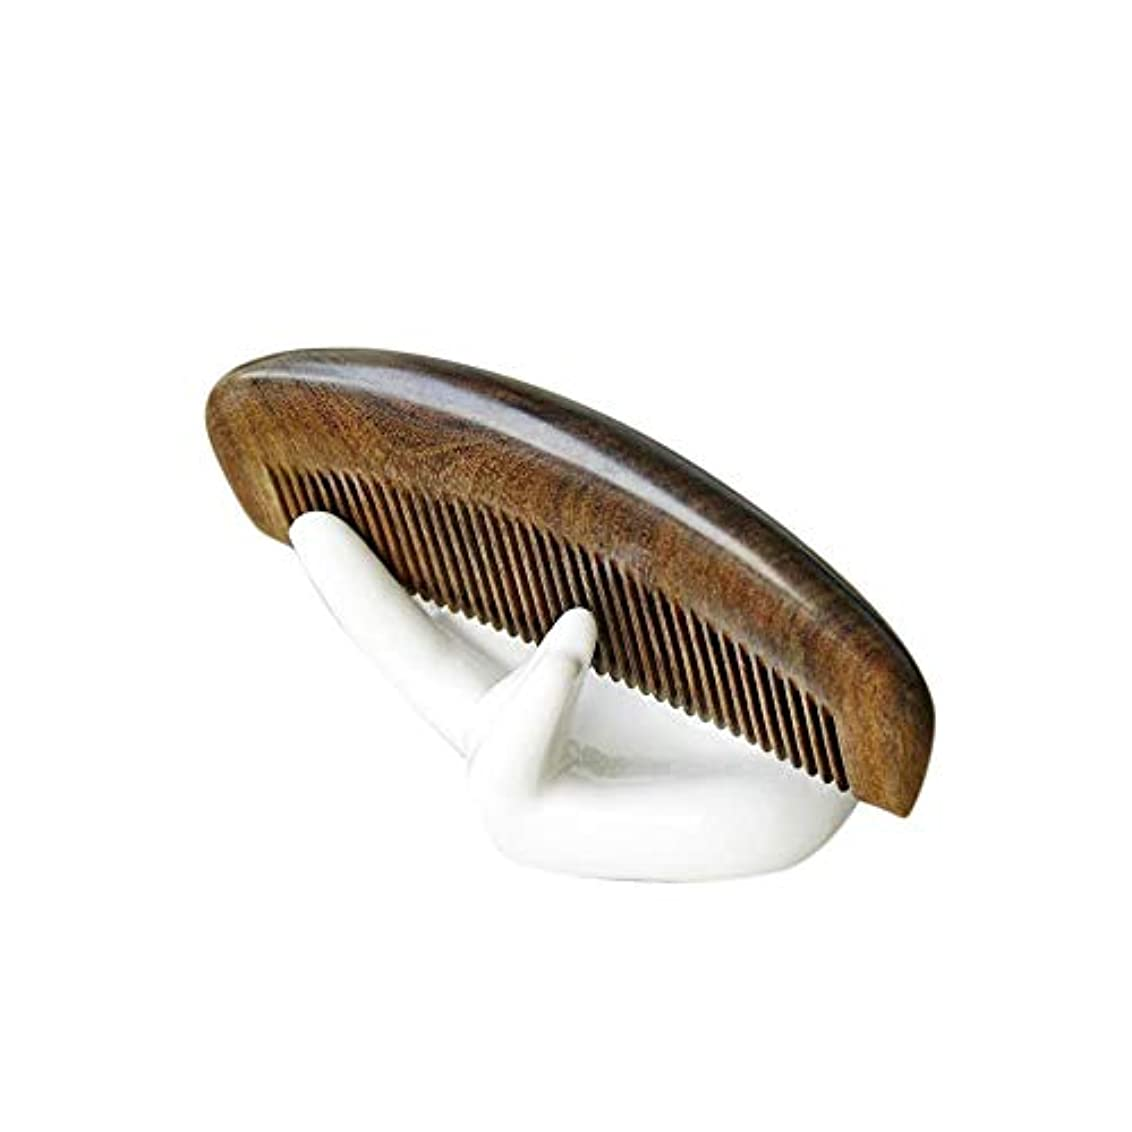 航空爆発するシーボードFashianナチュラルサンダルウッドコーム - 手作りの木製ハーフムーンの形ワイド歯カーリーヘアくし ヘアケア (色 : Photo color)